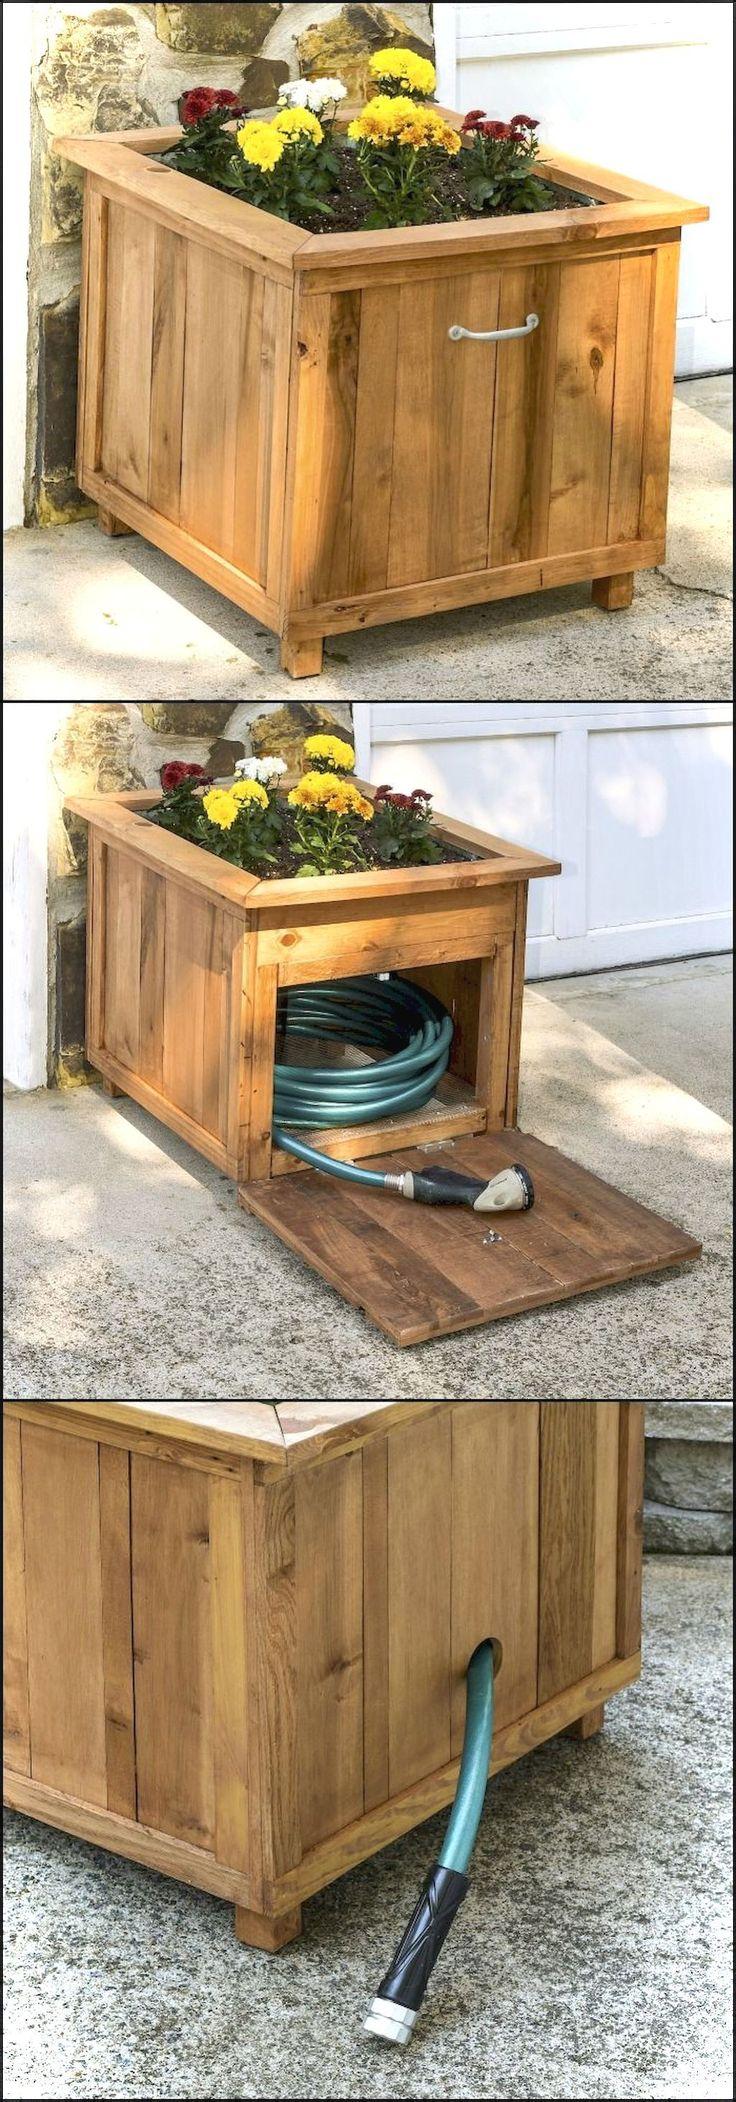 Awesome 70+ Gorgeous Patio Garden Furniture Ideas https://roomaniac.com/70-gorgeous-patio-garden-furniture-ideas/ #gardening